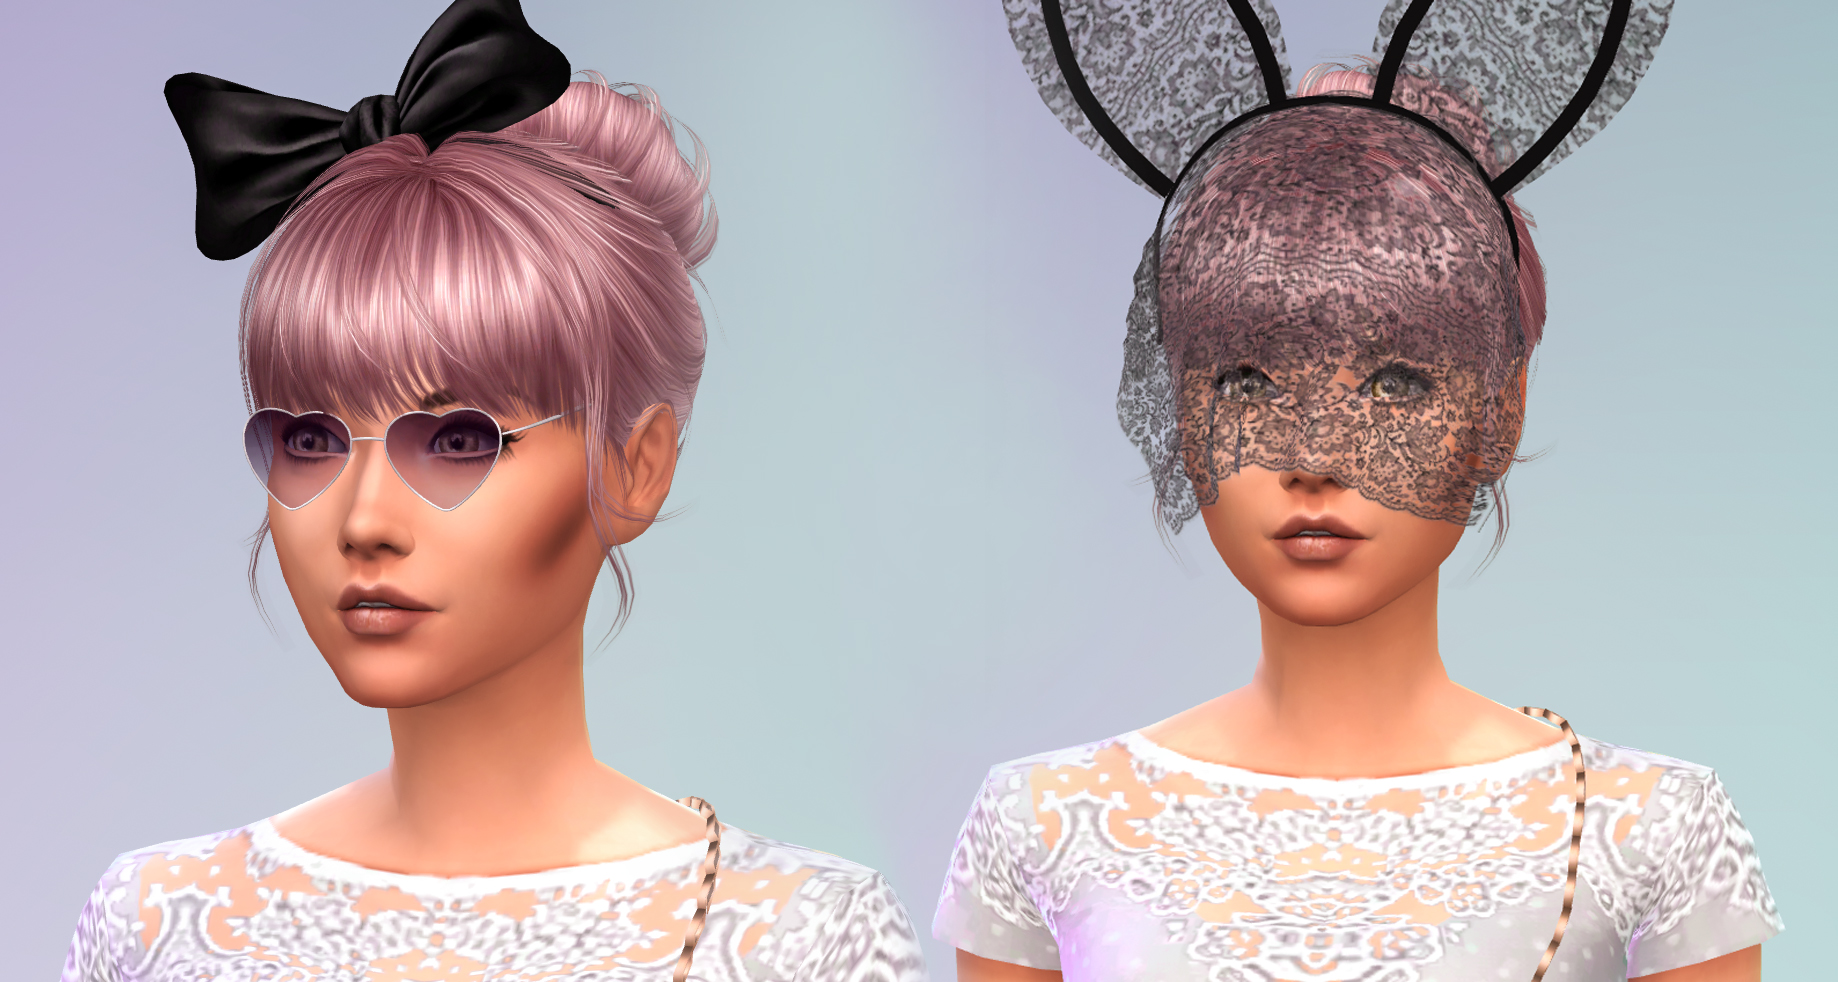 Die Sims 4 Frisuren Outfits Objekte Aus Dem Netz – Tipps Zum